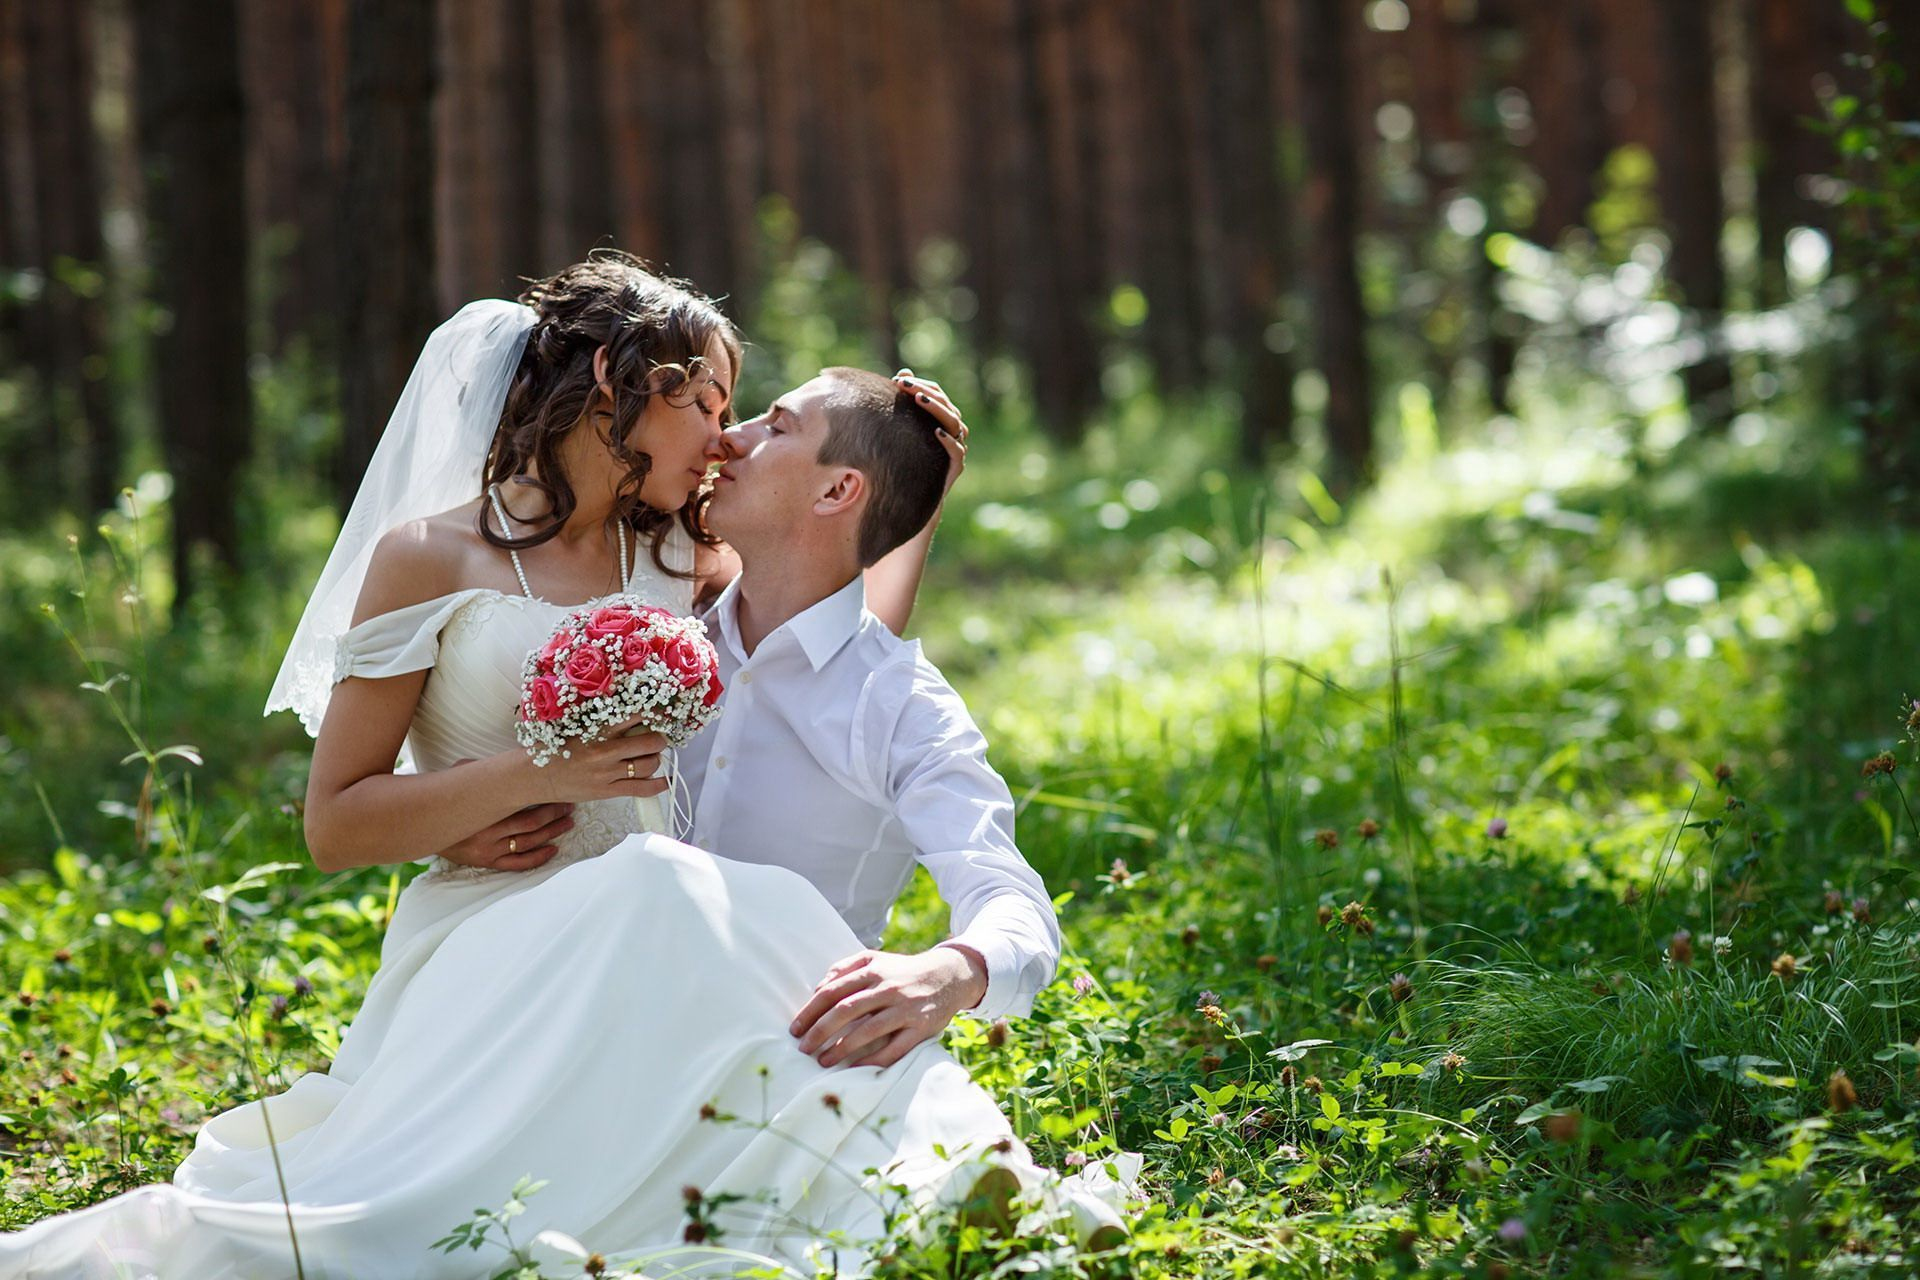 год жизни какая свадьба картинки с подписью бесплатно без регистрации